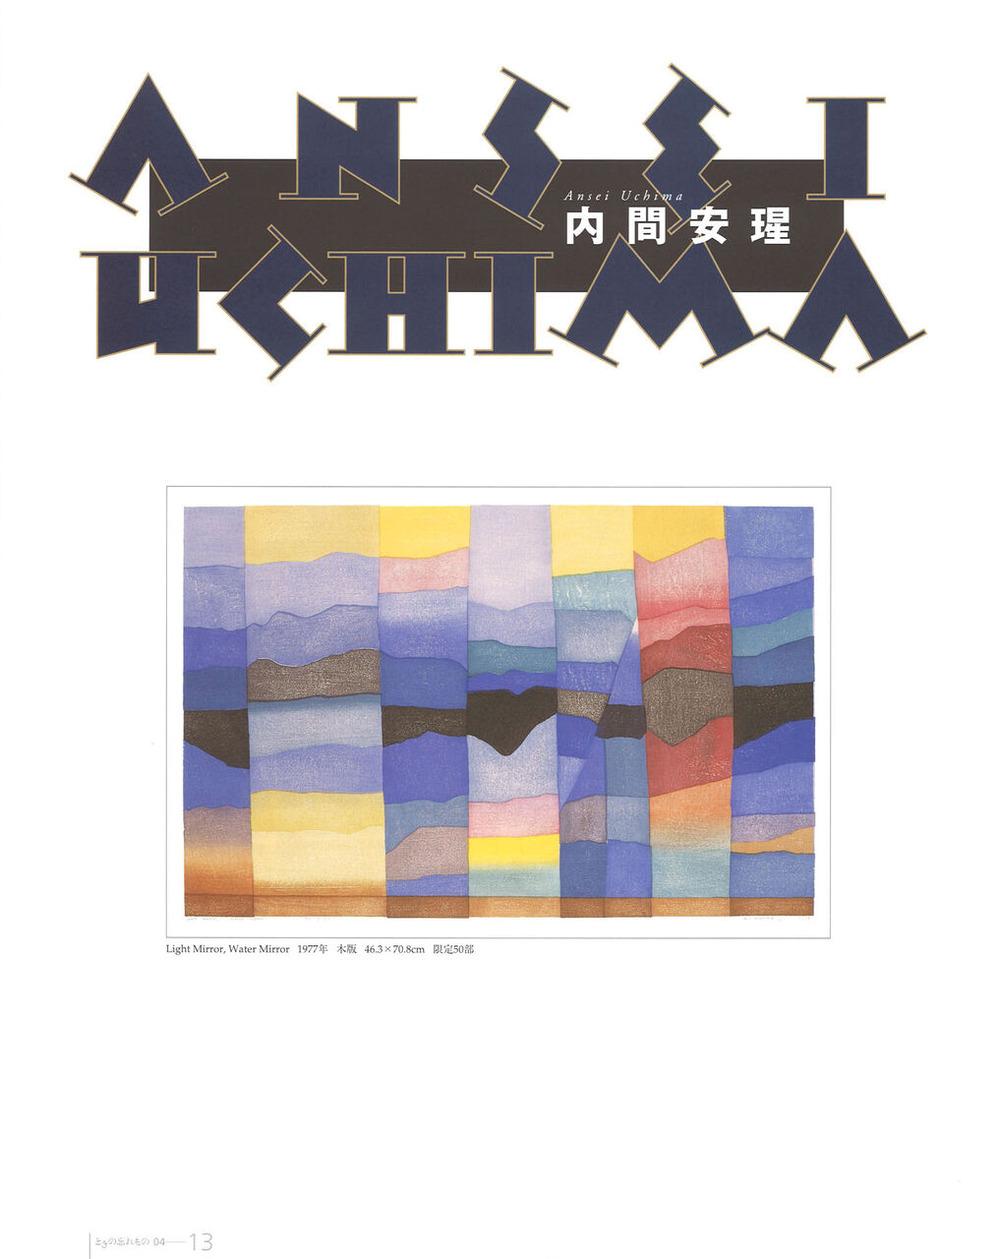 水沢 勉「版の音律—内間安瑆の世界」版画掌誌ときの忘れもの 第4号より